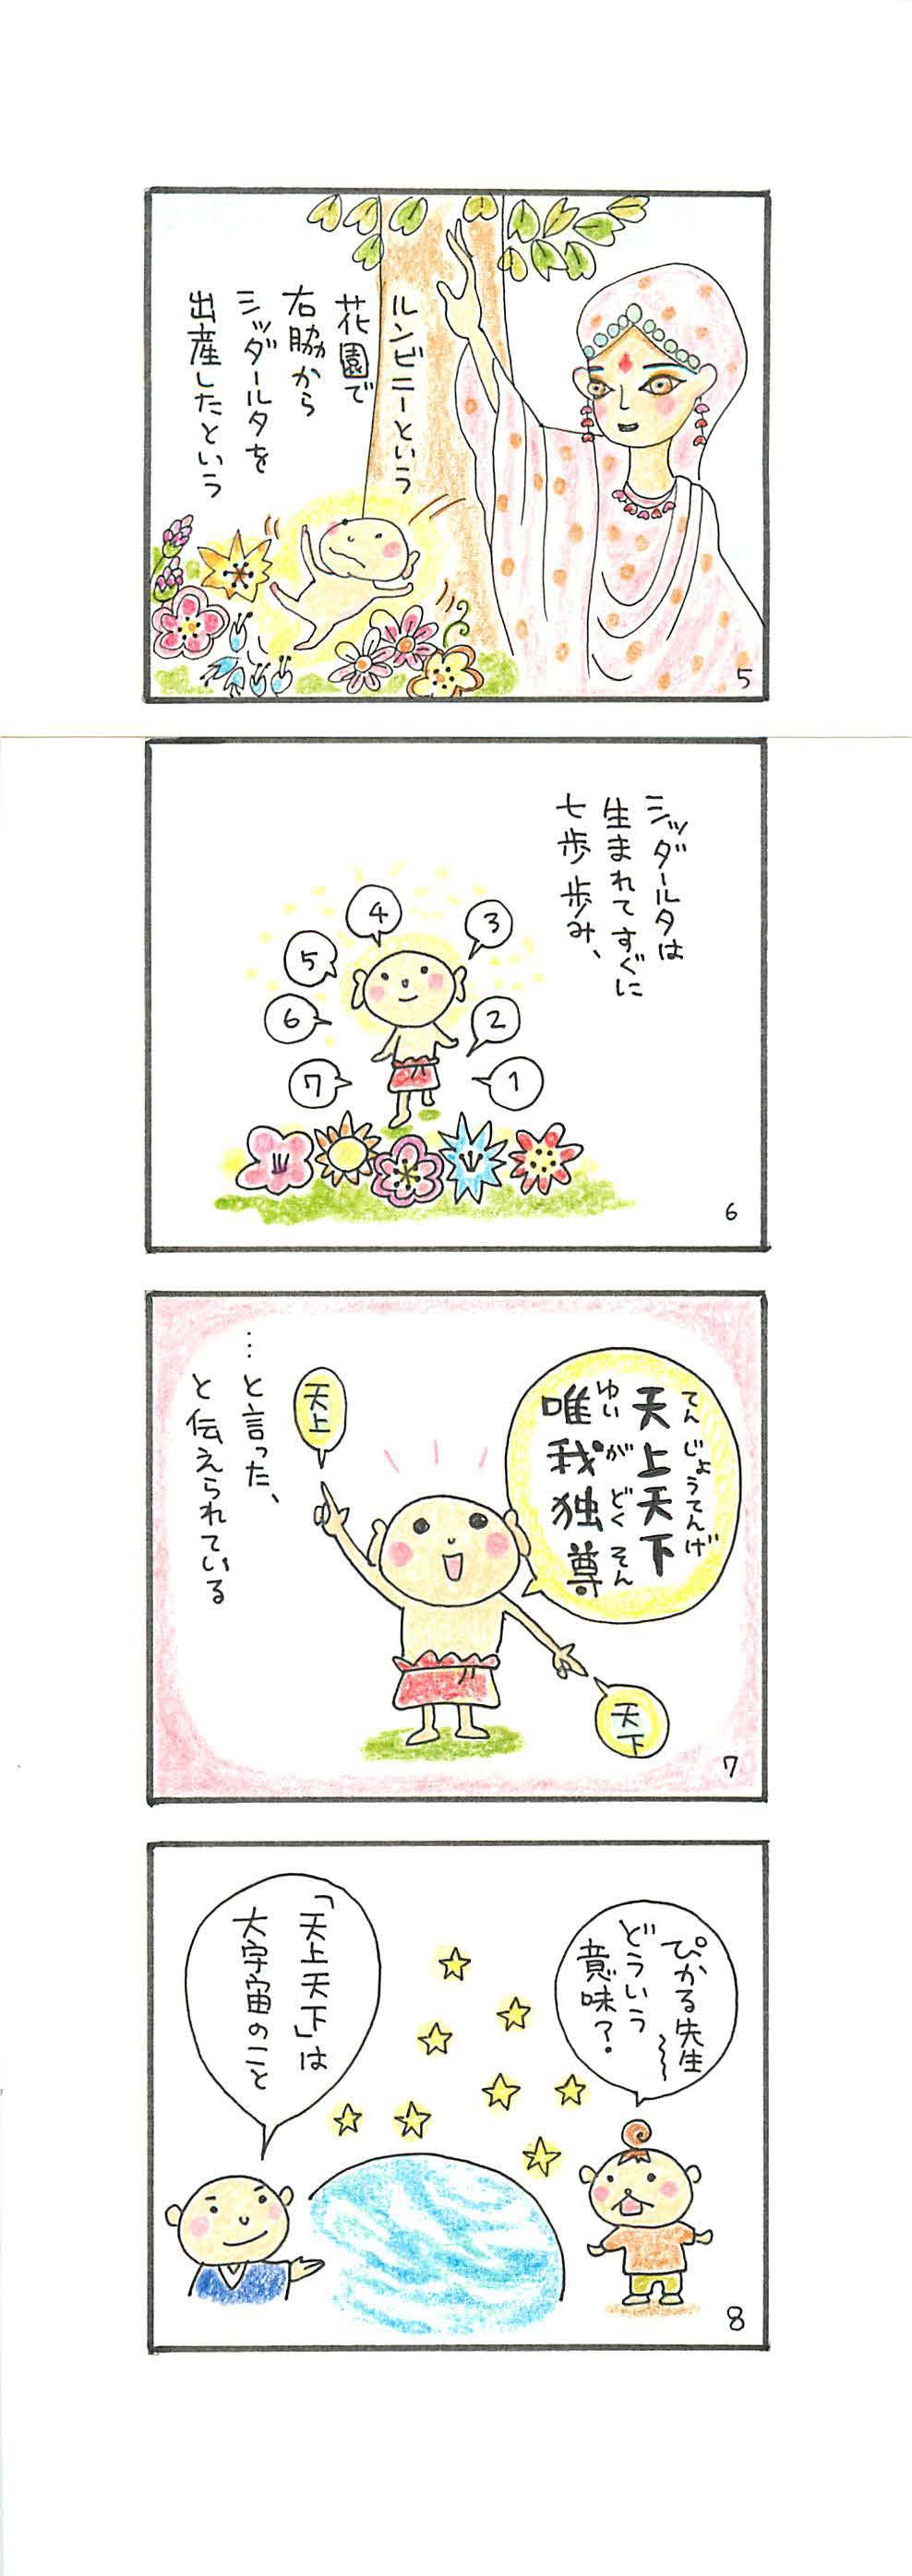 降誕会漫画薫明花まつり_ページ_2